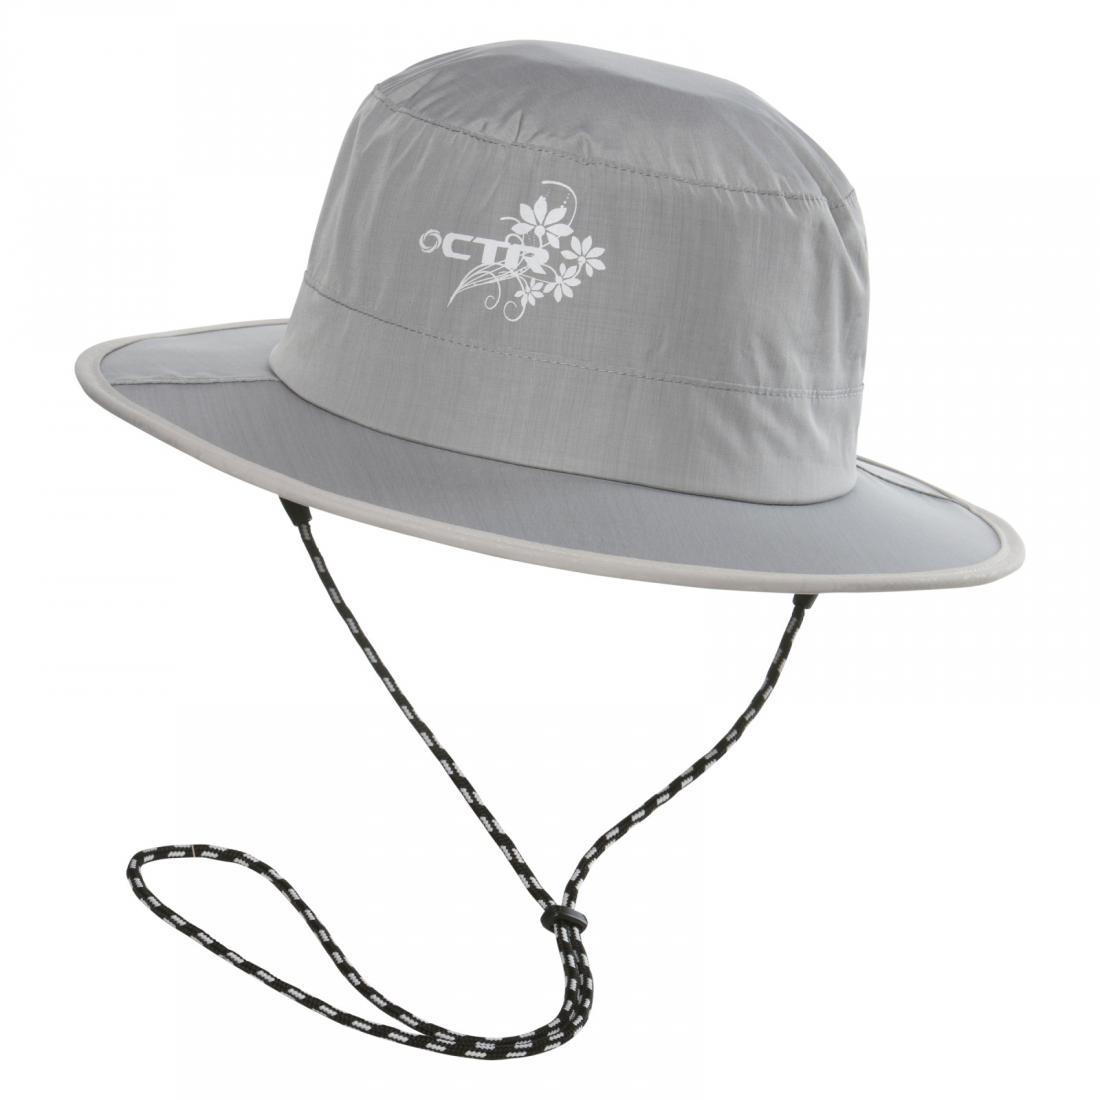 Панама Chaos  Stratus Bucket Hat (женс)Панамы<br><br> Женская панама Chaos Stratus Bucket Hat привлекает внимание сочными оттенками и небольшим элегантным принтом. Она станет верной спутницей в путешествиях и незаменимой помощницей в любую погоду. Эта модель одинаково хорошо защищает от ярких солнечны...<br><br>Цвет: Серый<br>Размер: L-XL